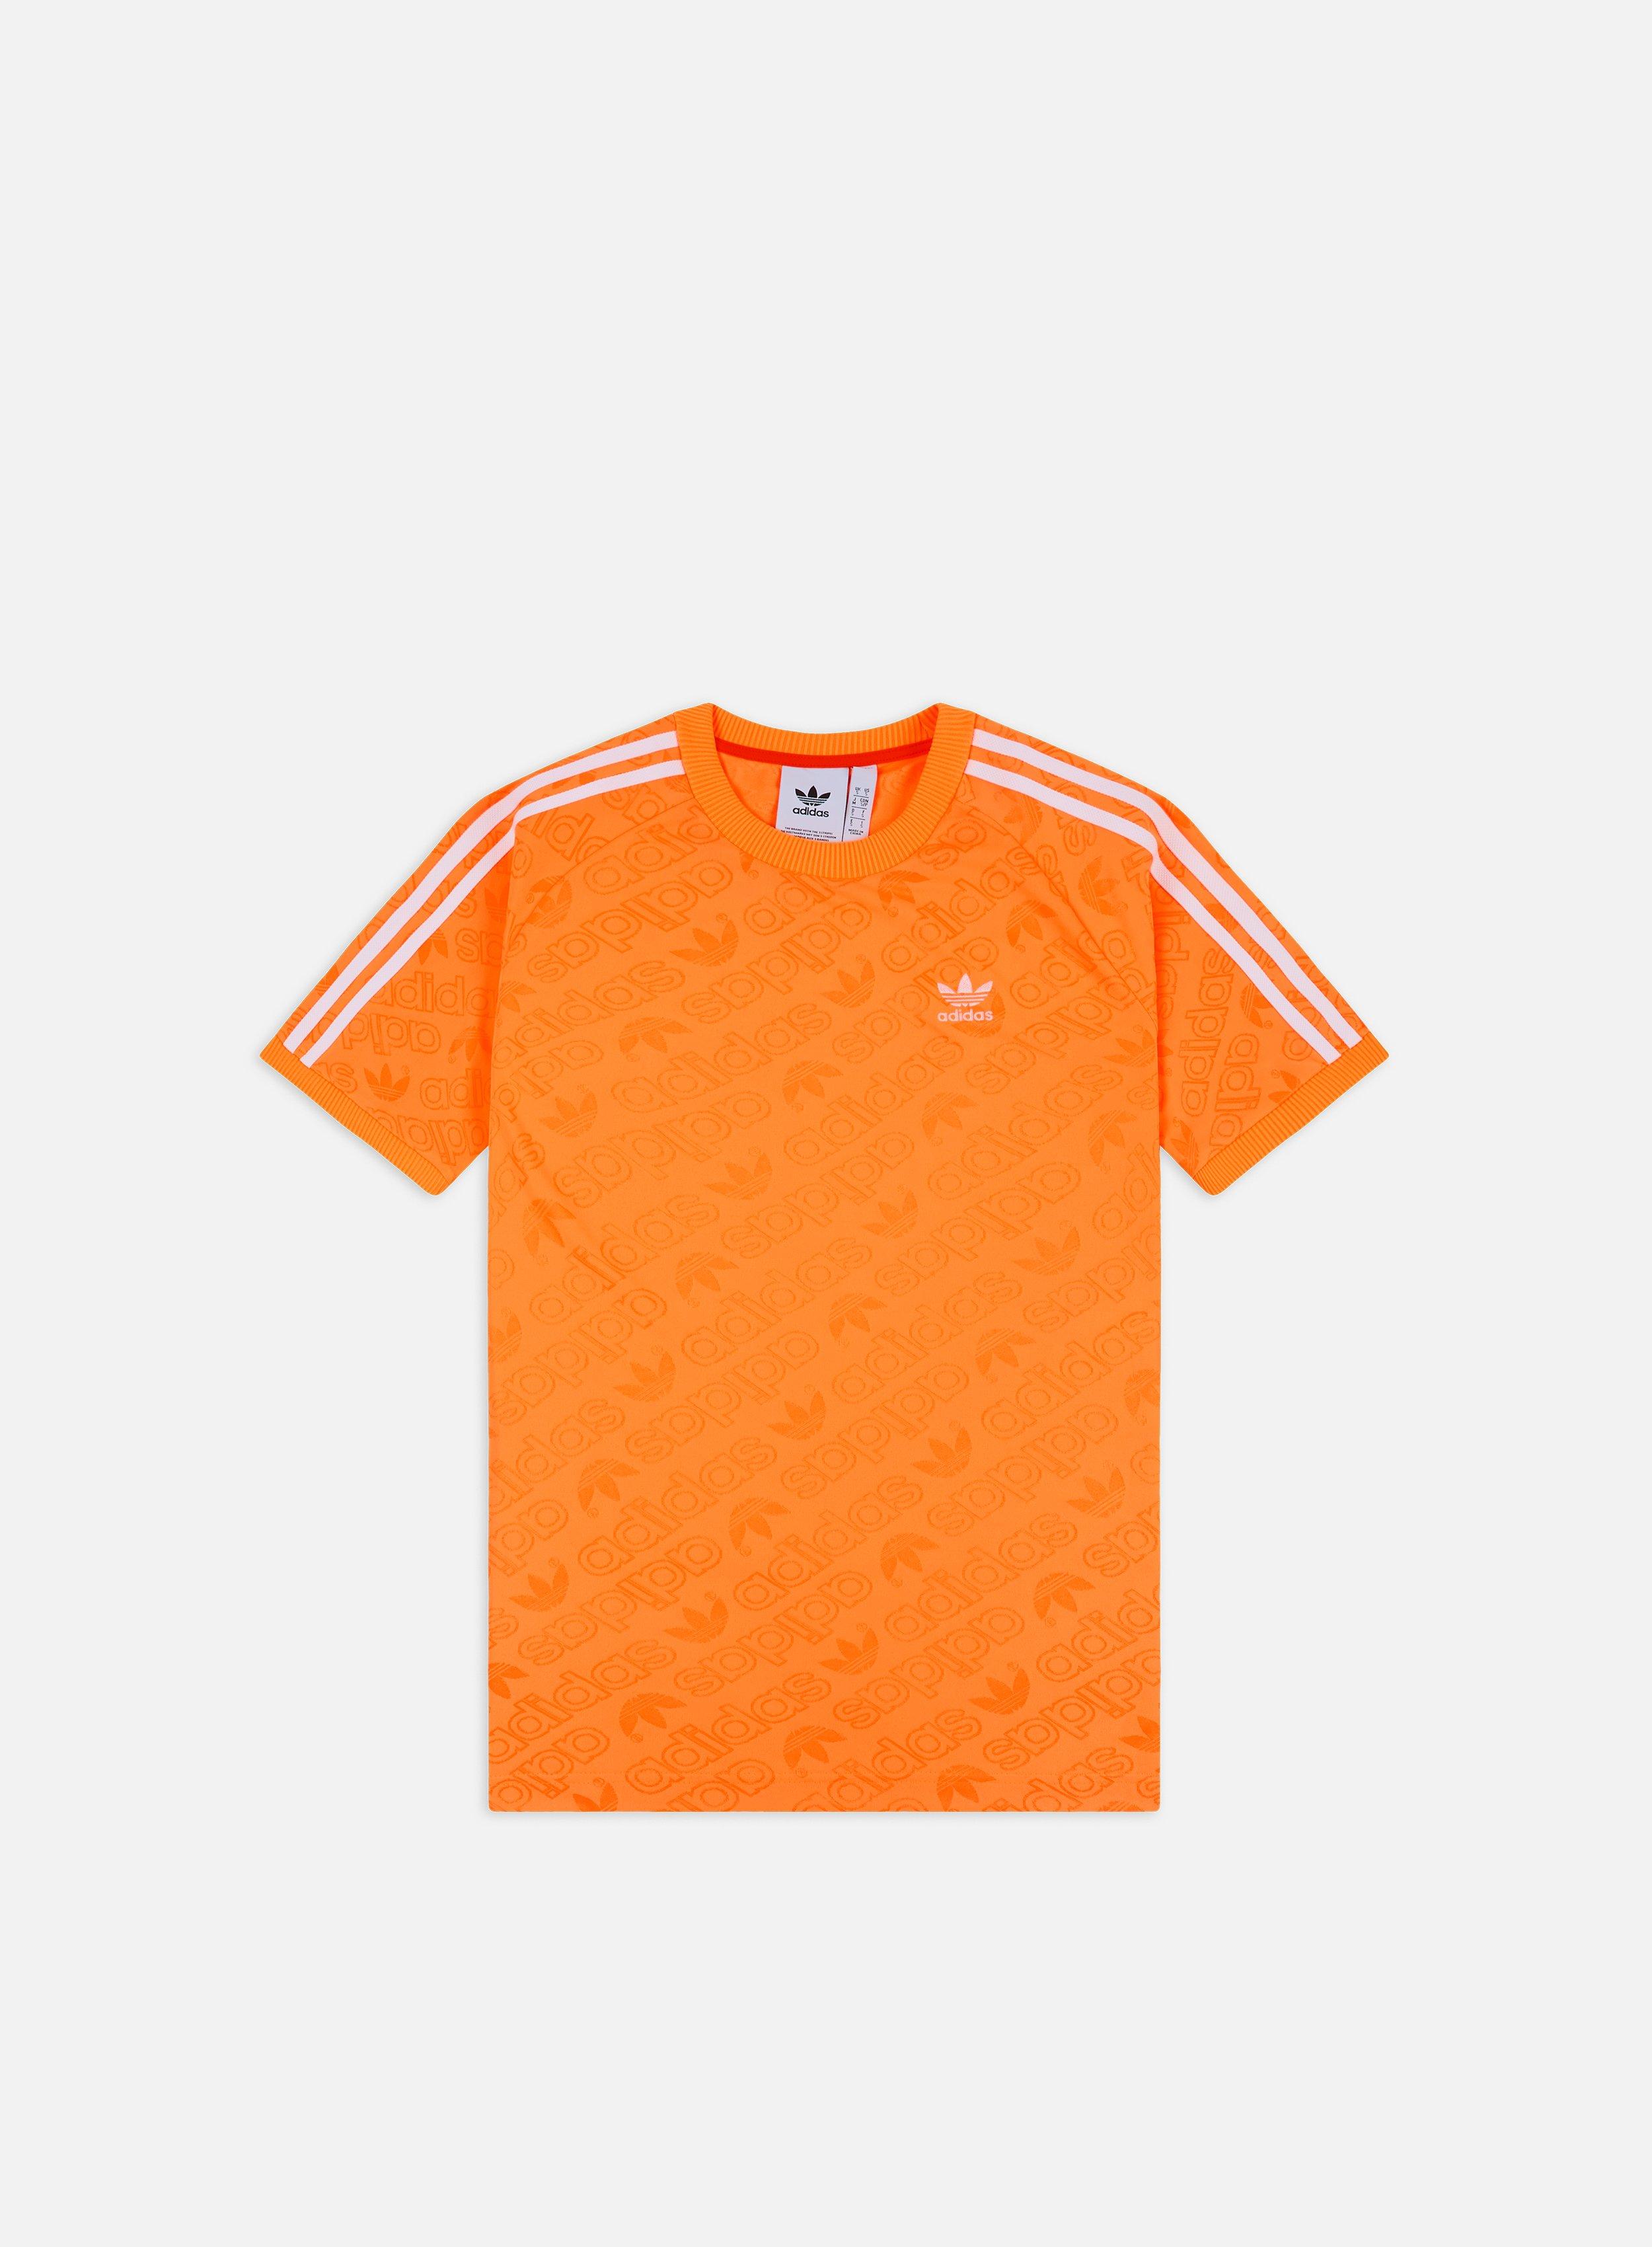 Mono Jersey T- shirt